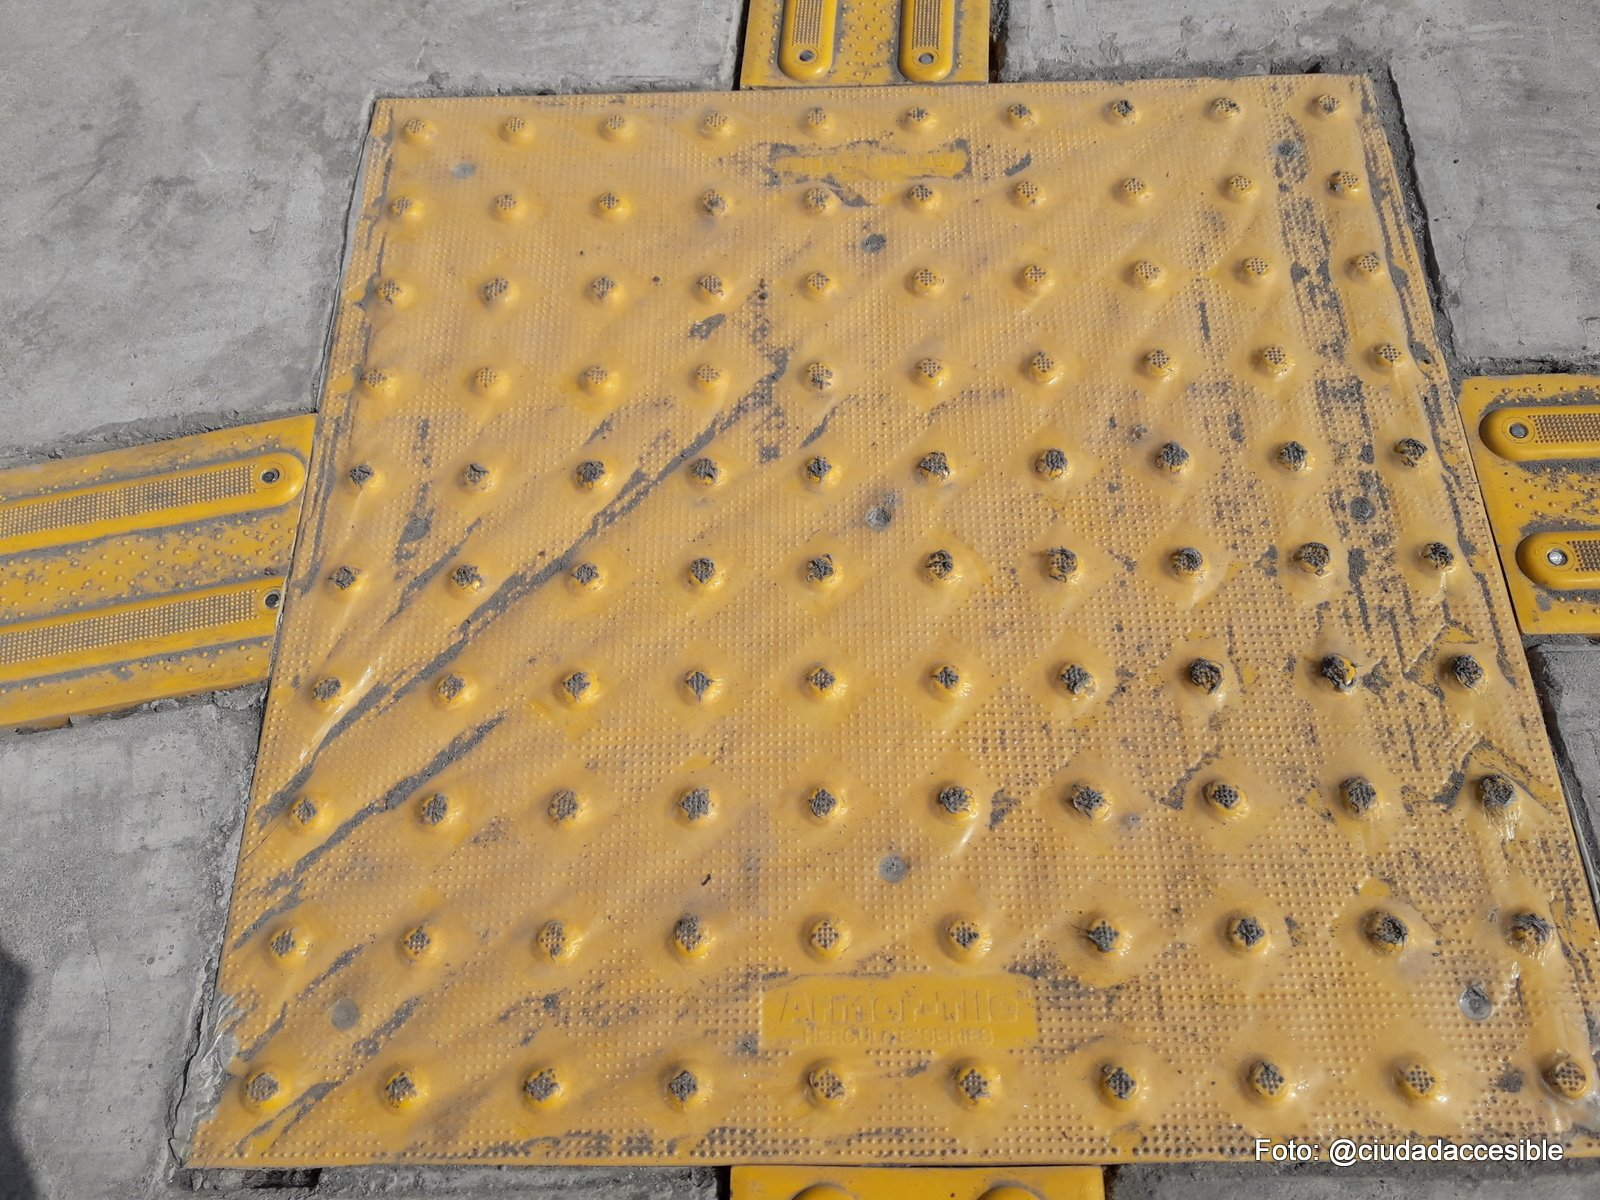 rebaje amplio de tres pendientes con placa podotáctiles de textura de alerta color amarillo embutida en el pavimento